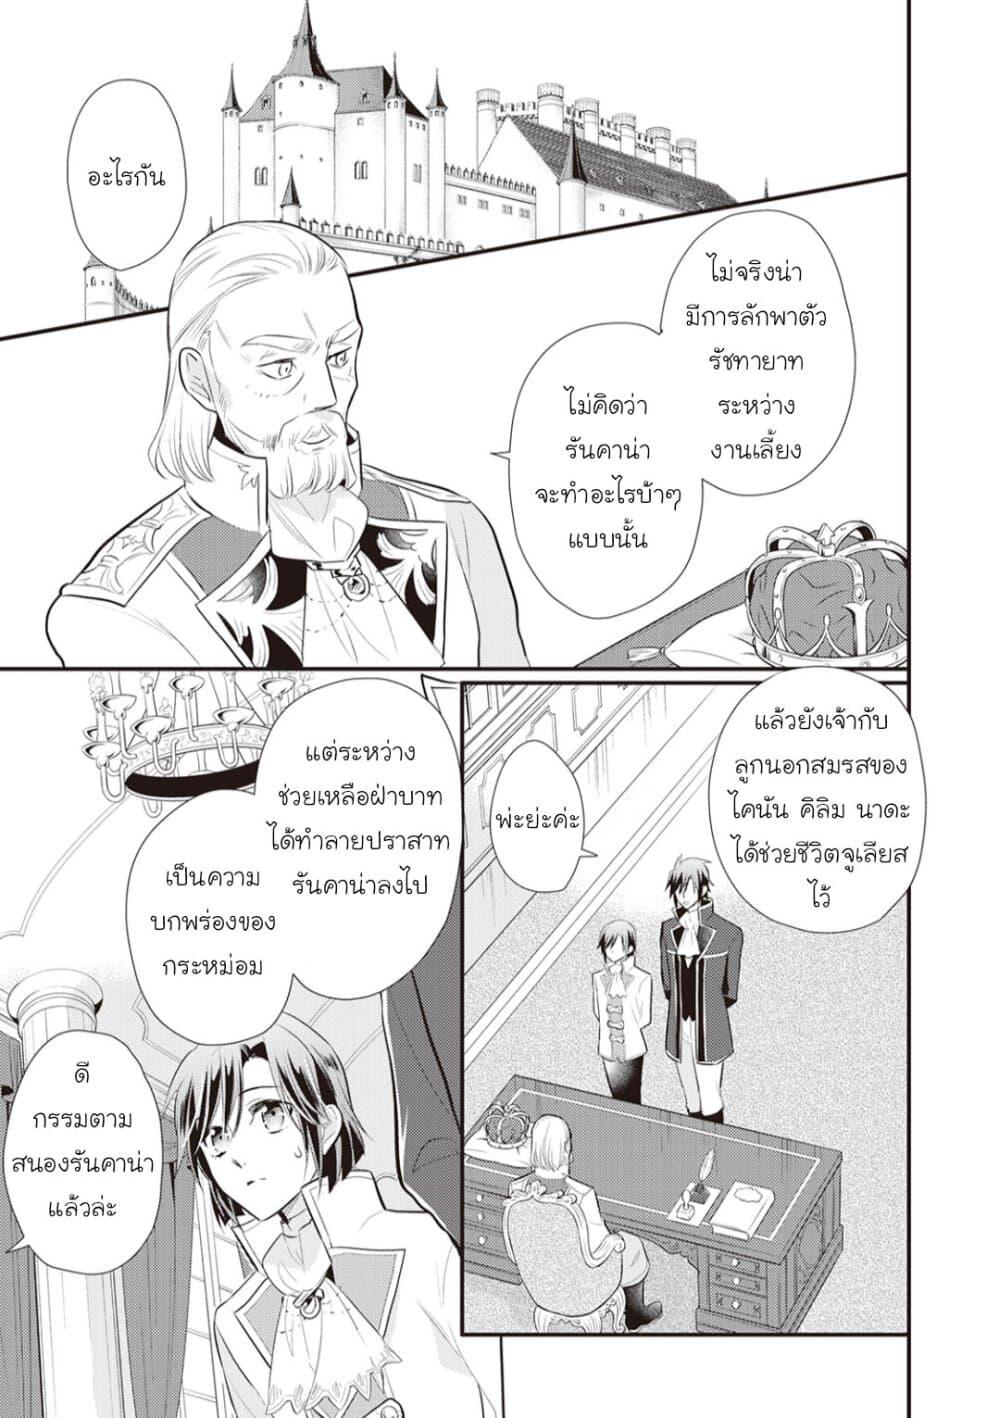 อ่านการ์ตูน Daites Ryou Koubouki ตอนที่ 23 หน้าที่ 3